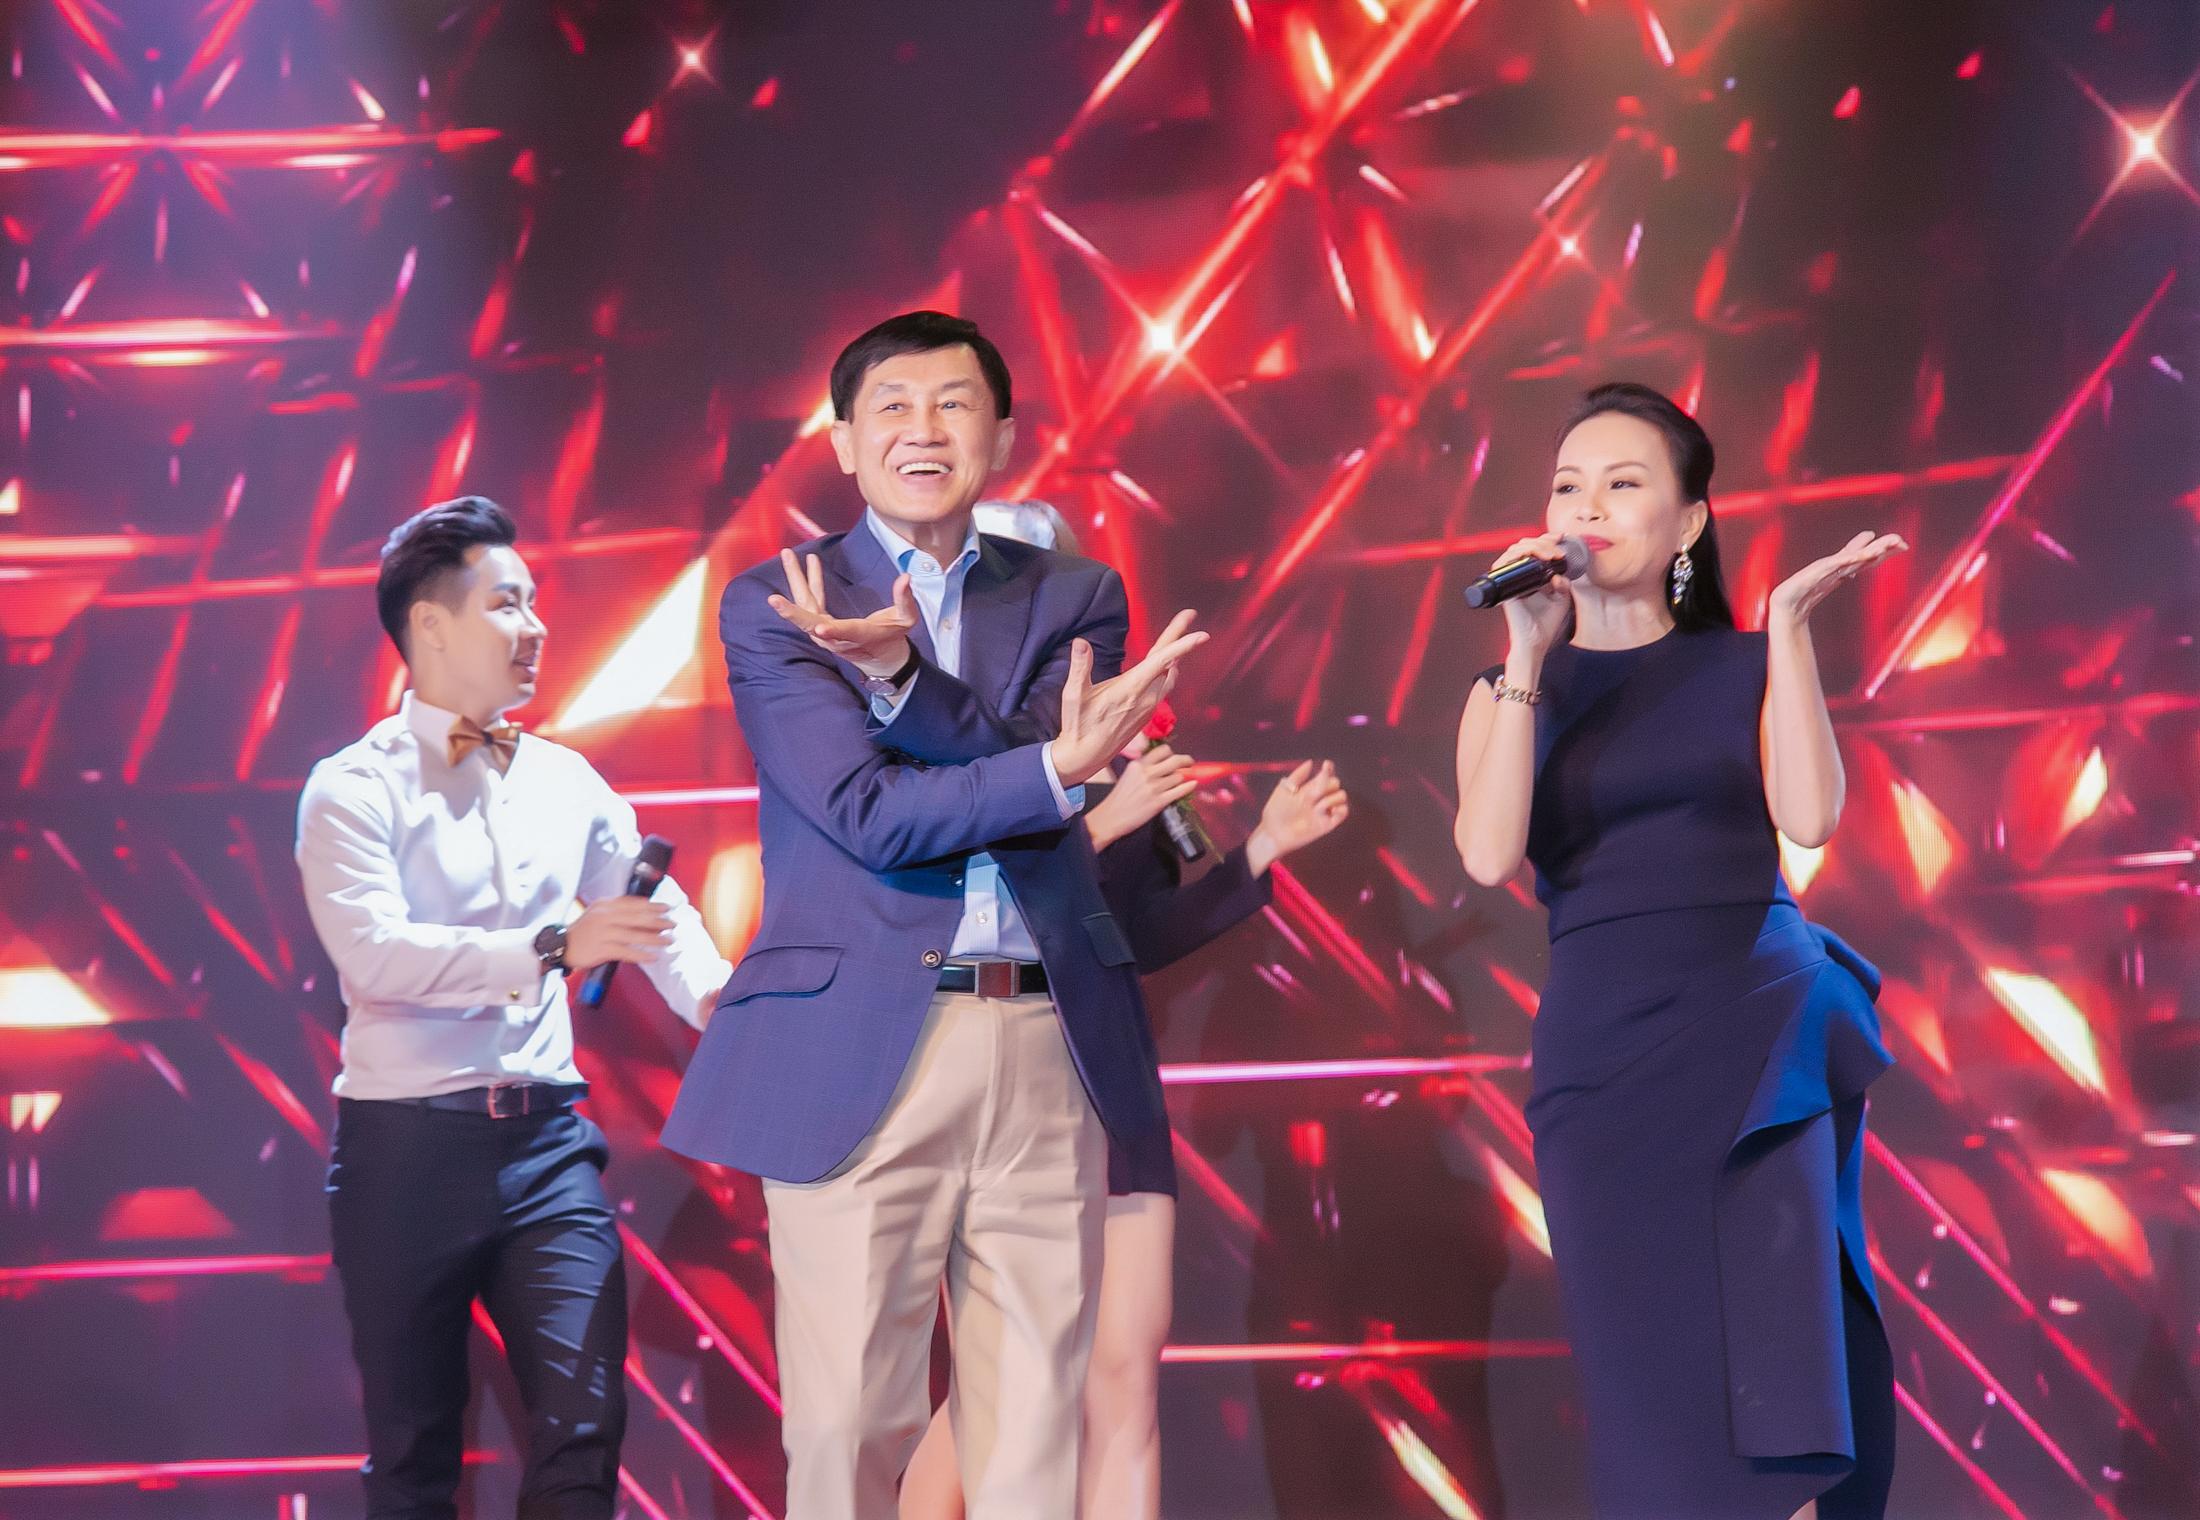 Hé lộ cuộc sống đời thường đầy bất ngờ của bố chồng Tăng Thanh Hà 3